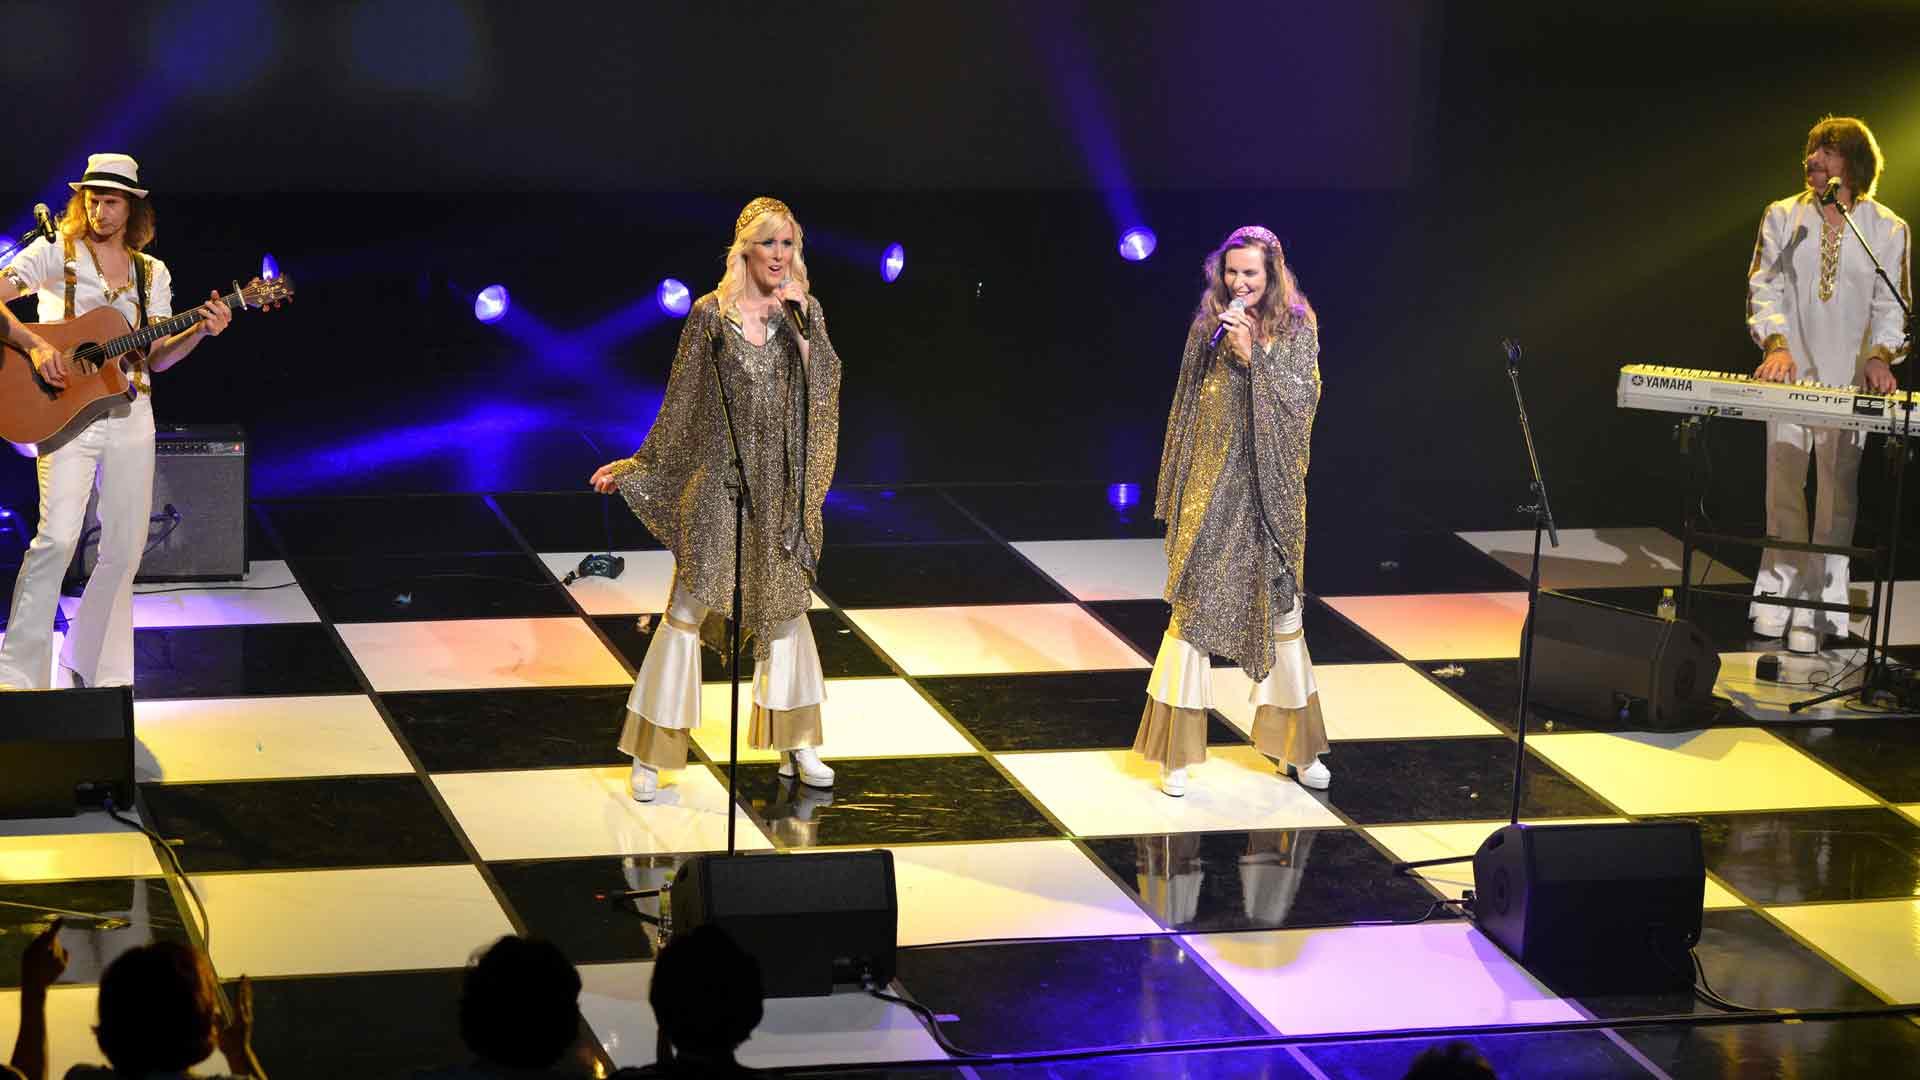 Abba Girls Tribute Night